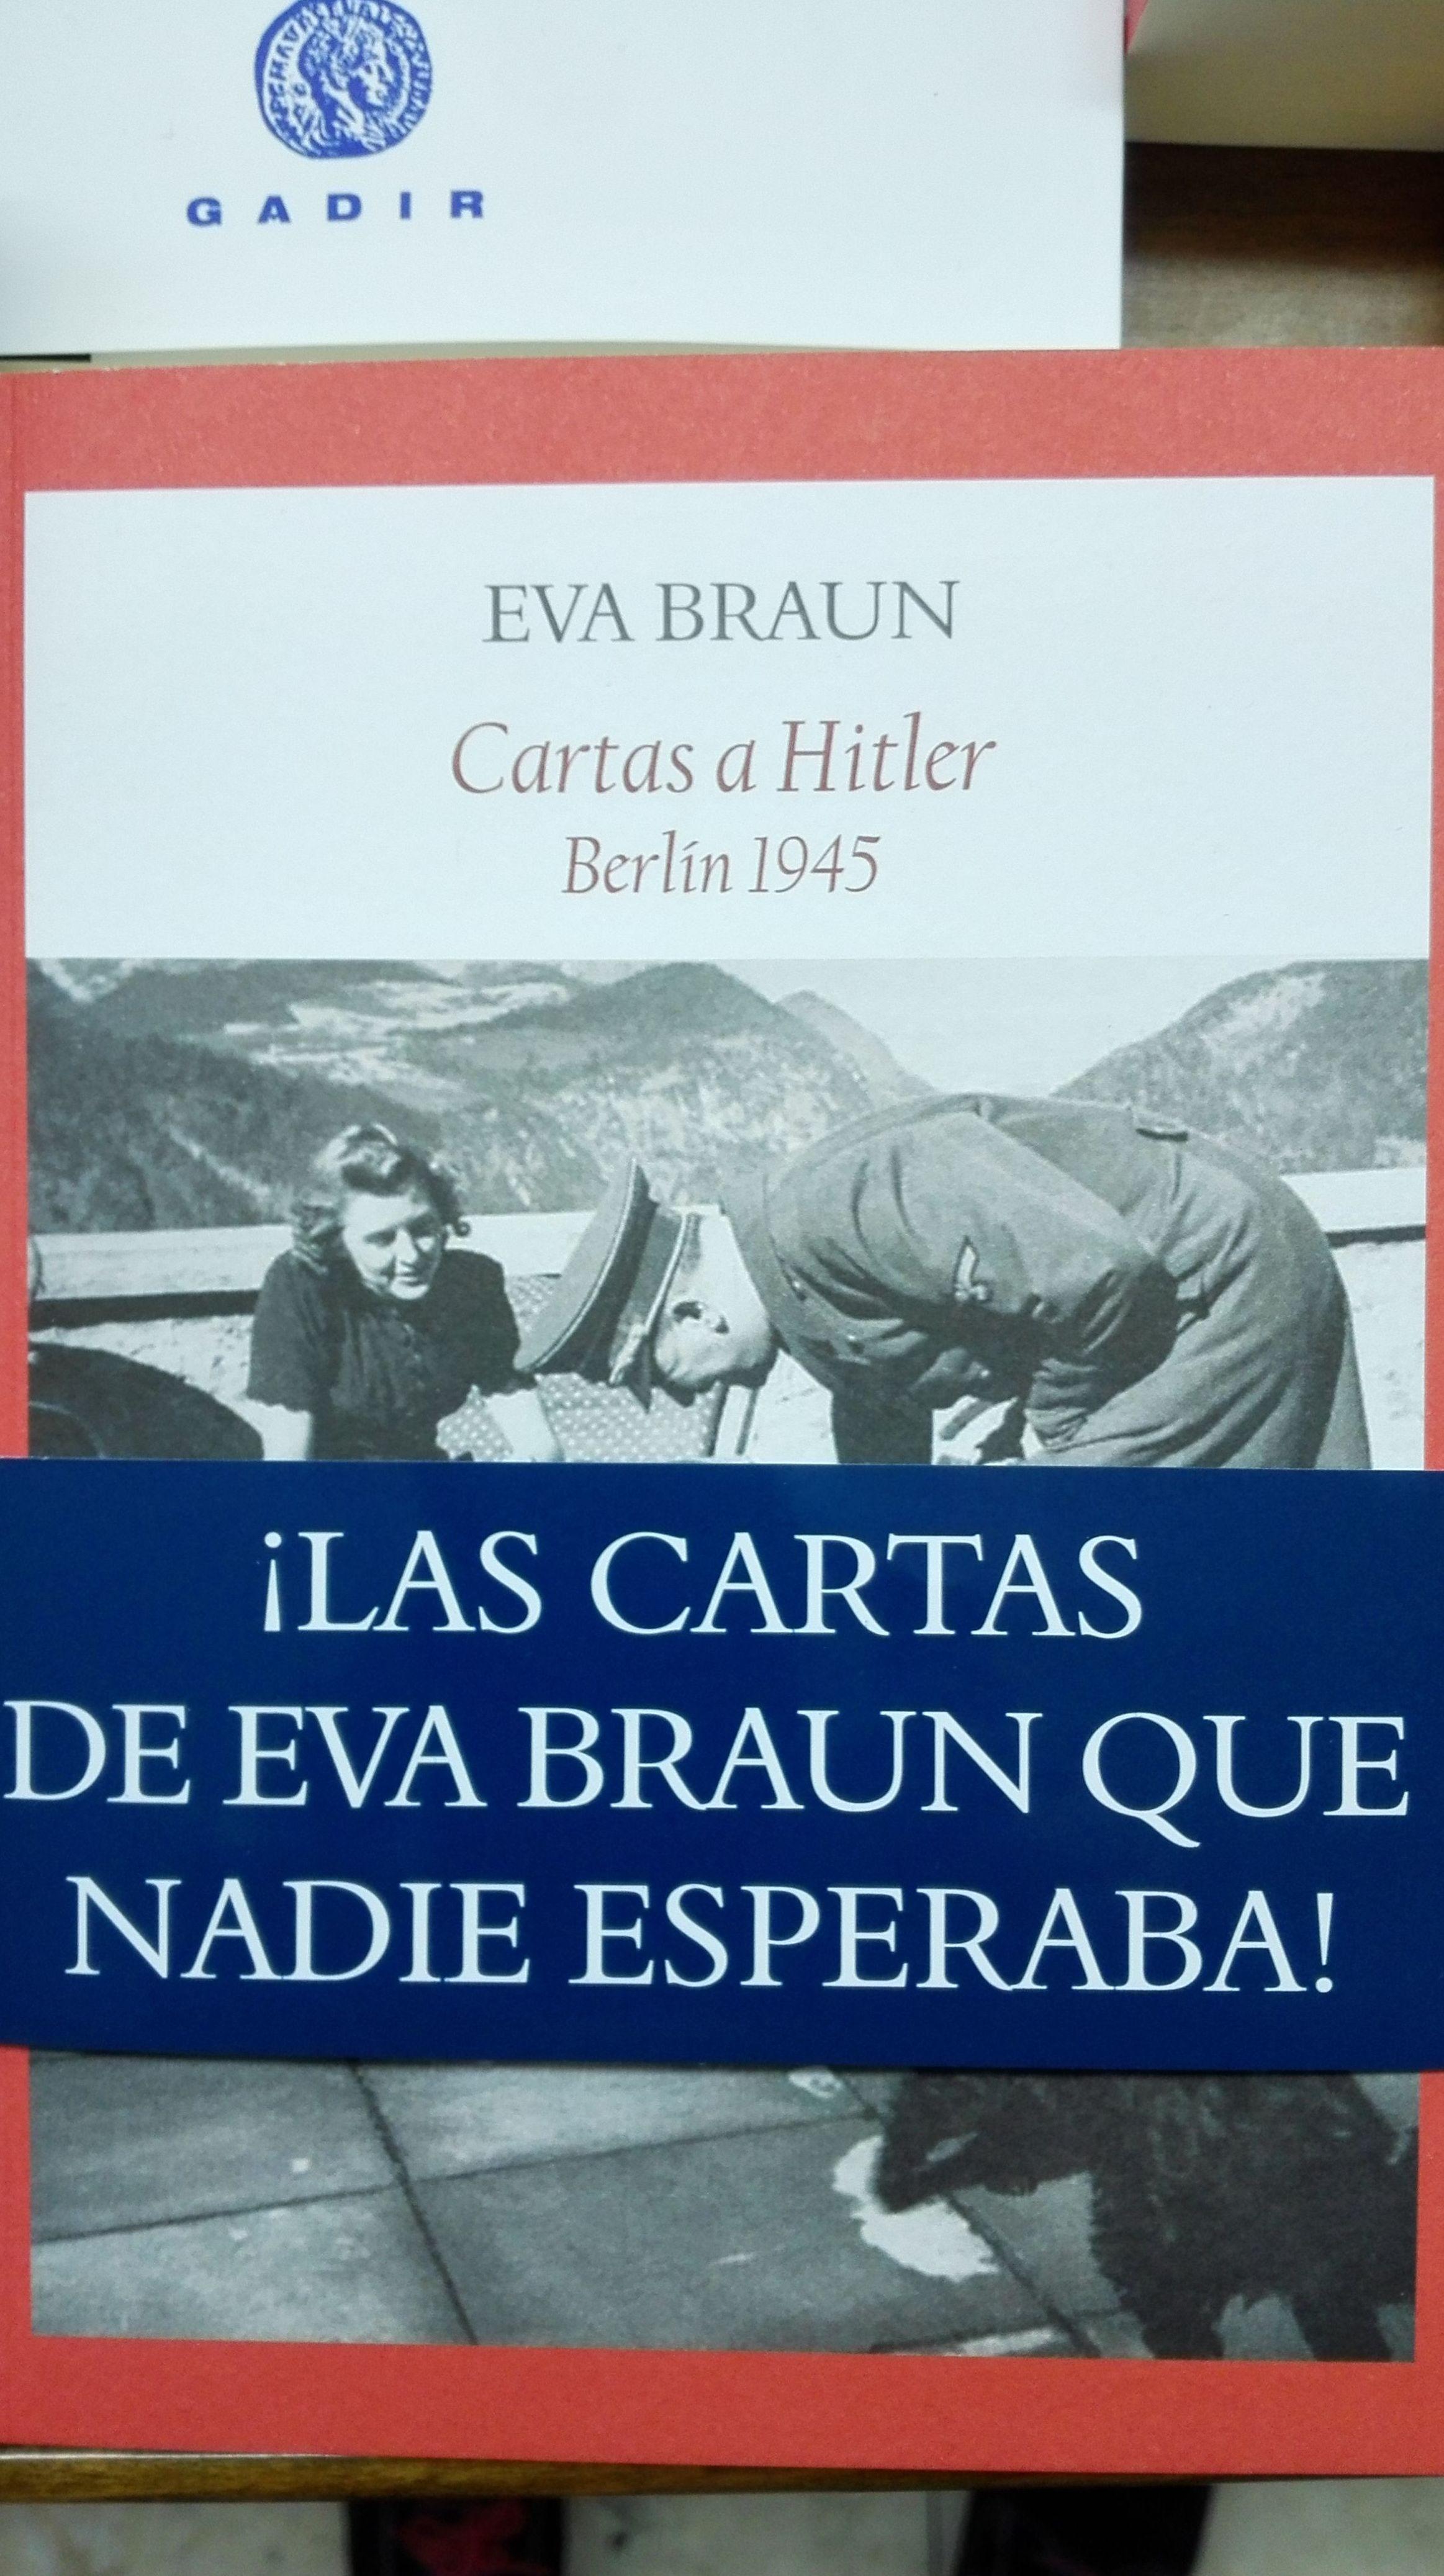 Cartas a Hitler, Berlin 1945